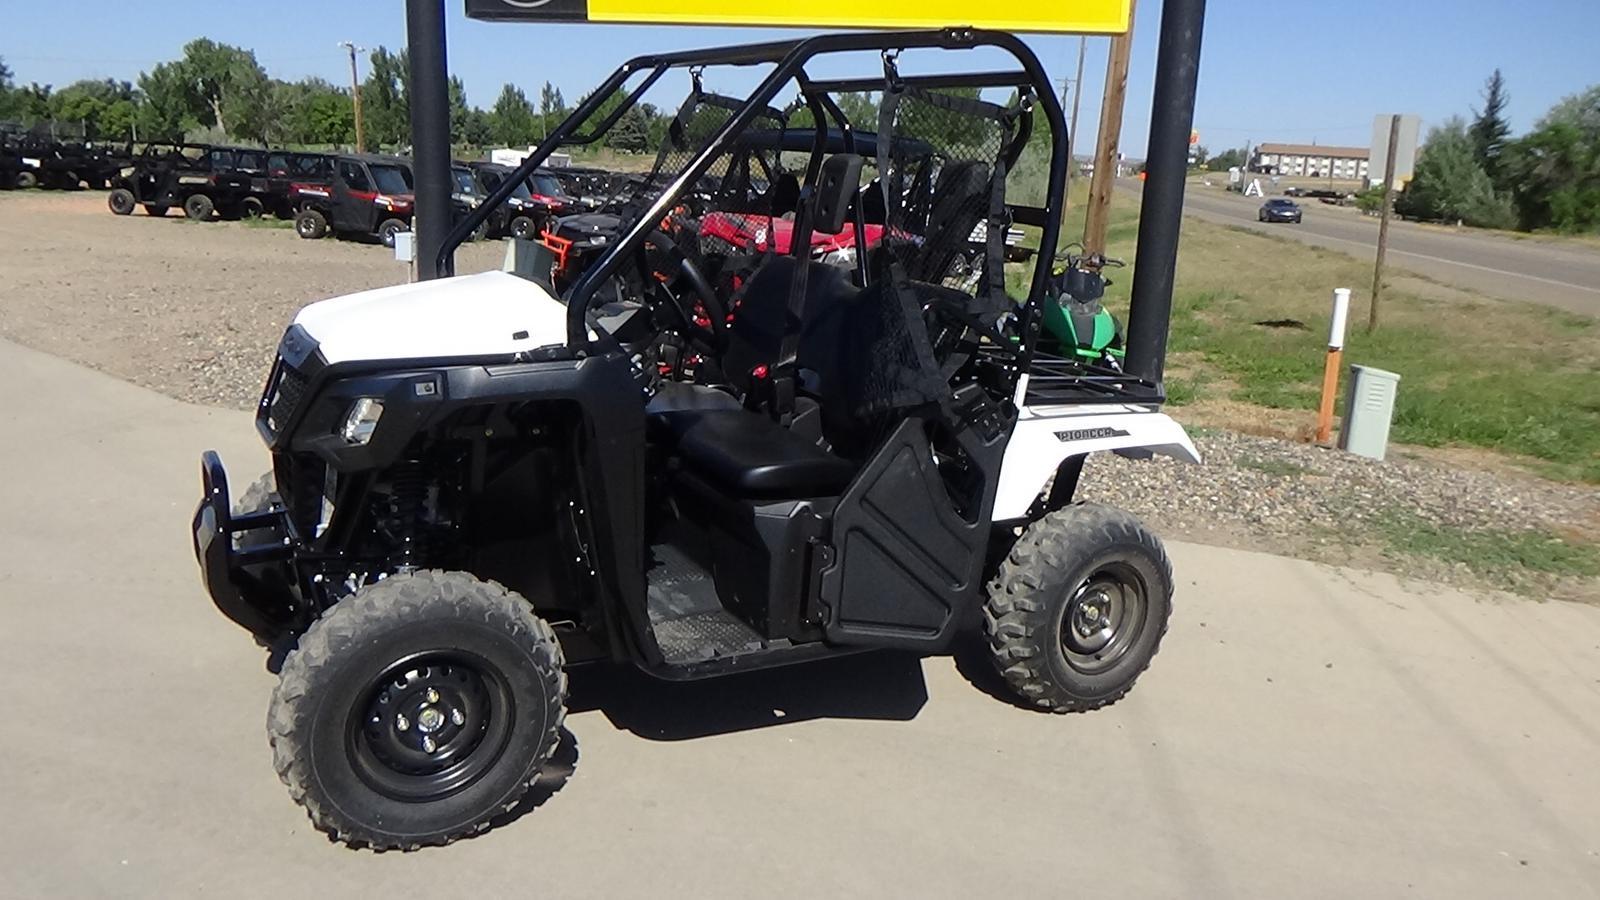 2020 honda pioneer 500